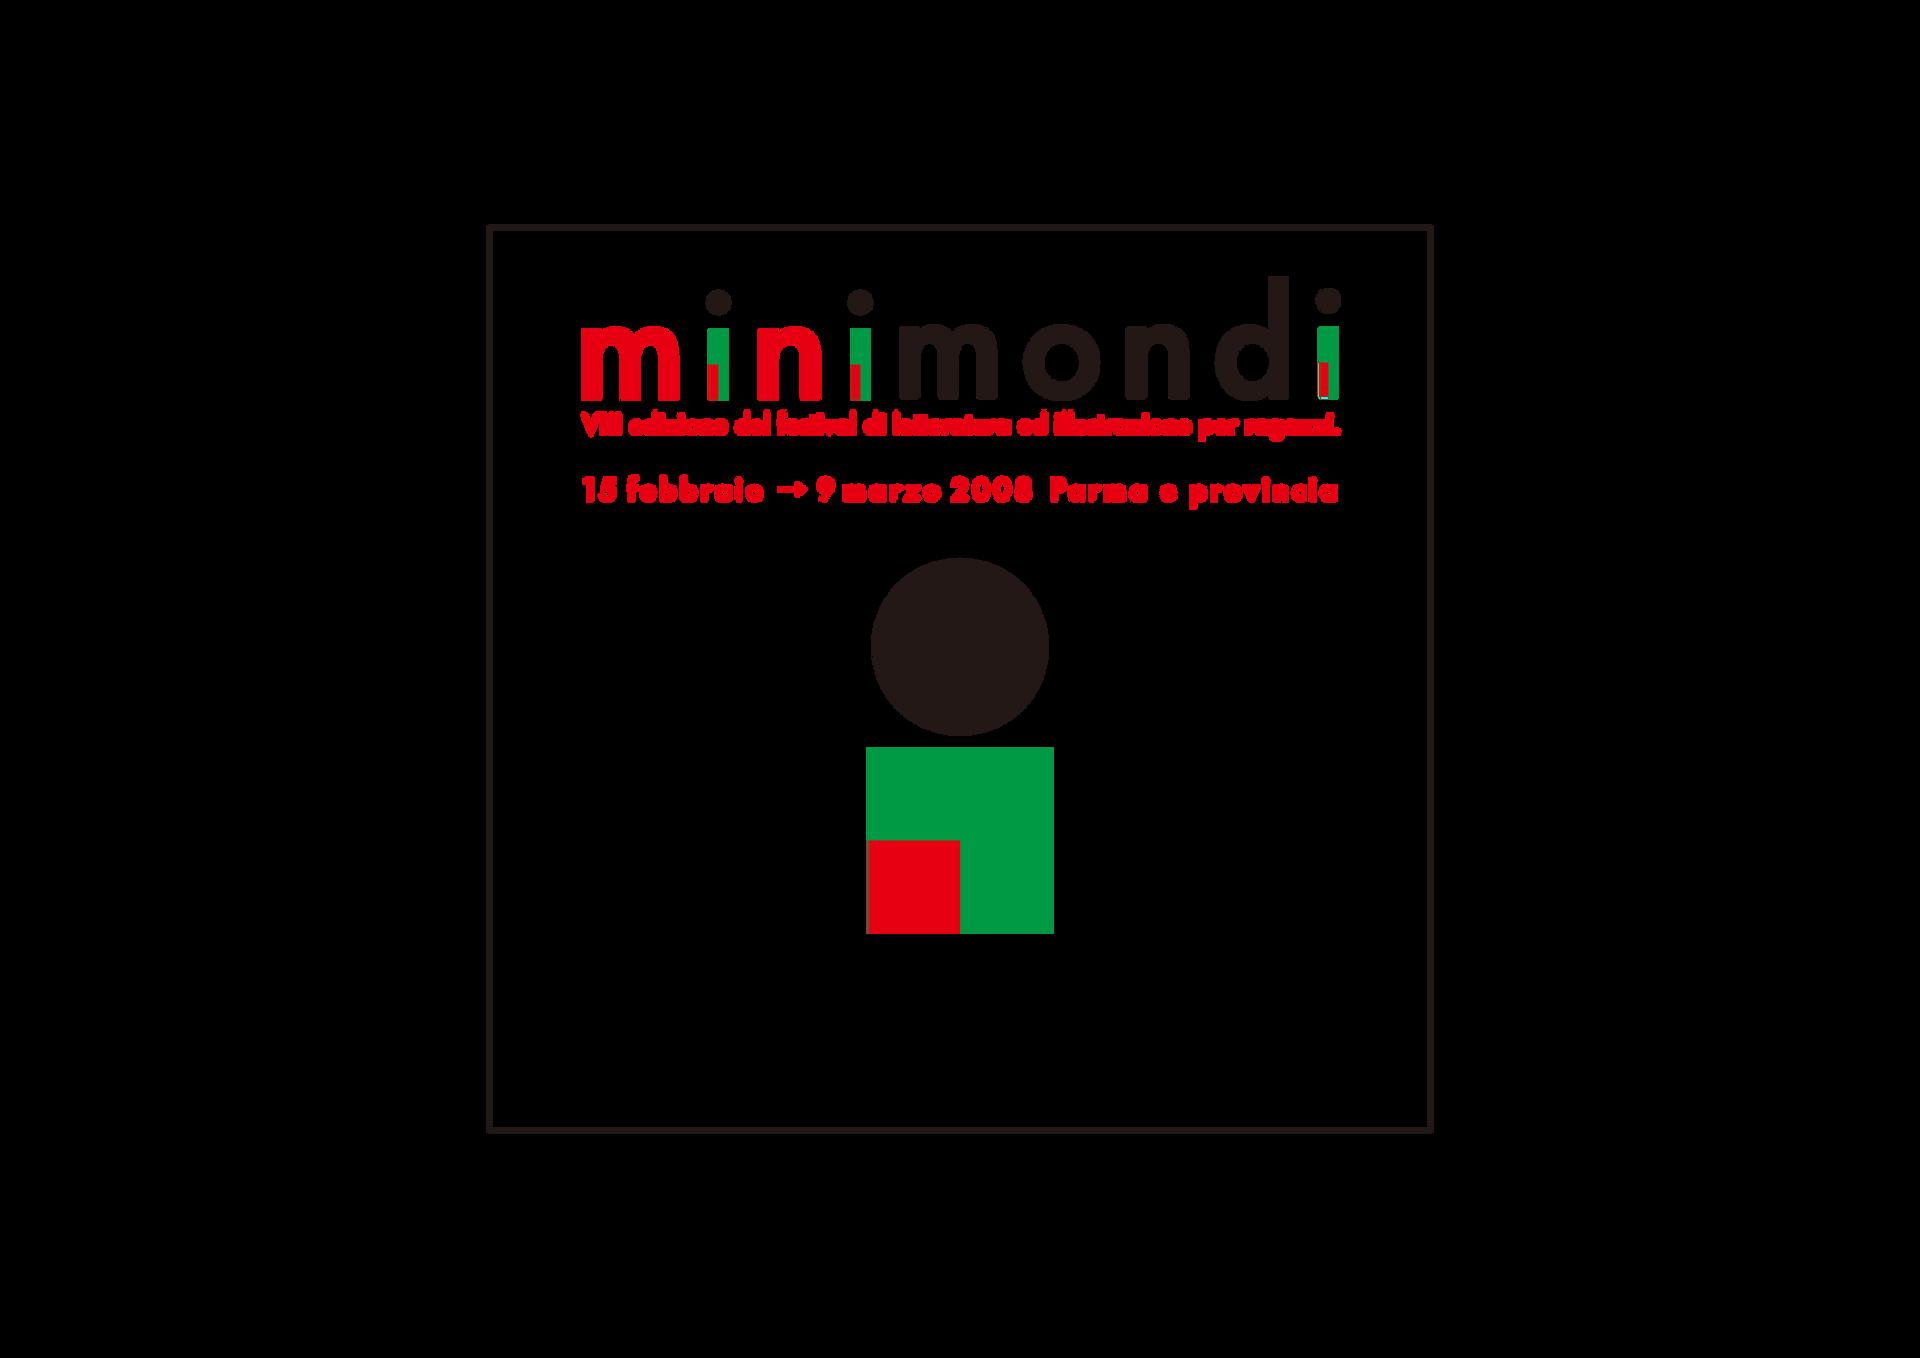 minimondi-cover.png